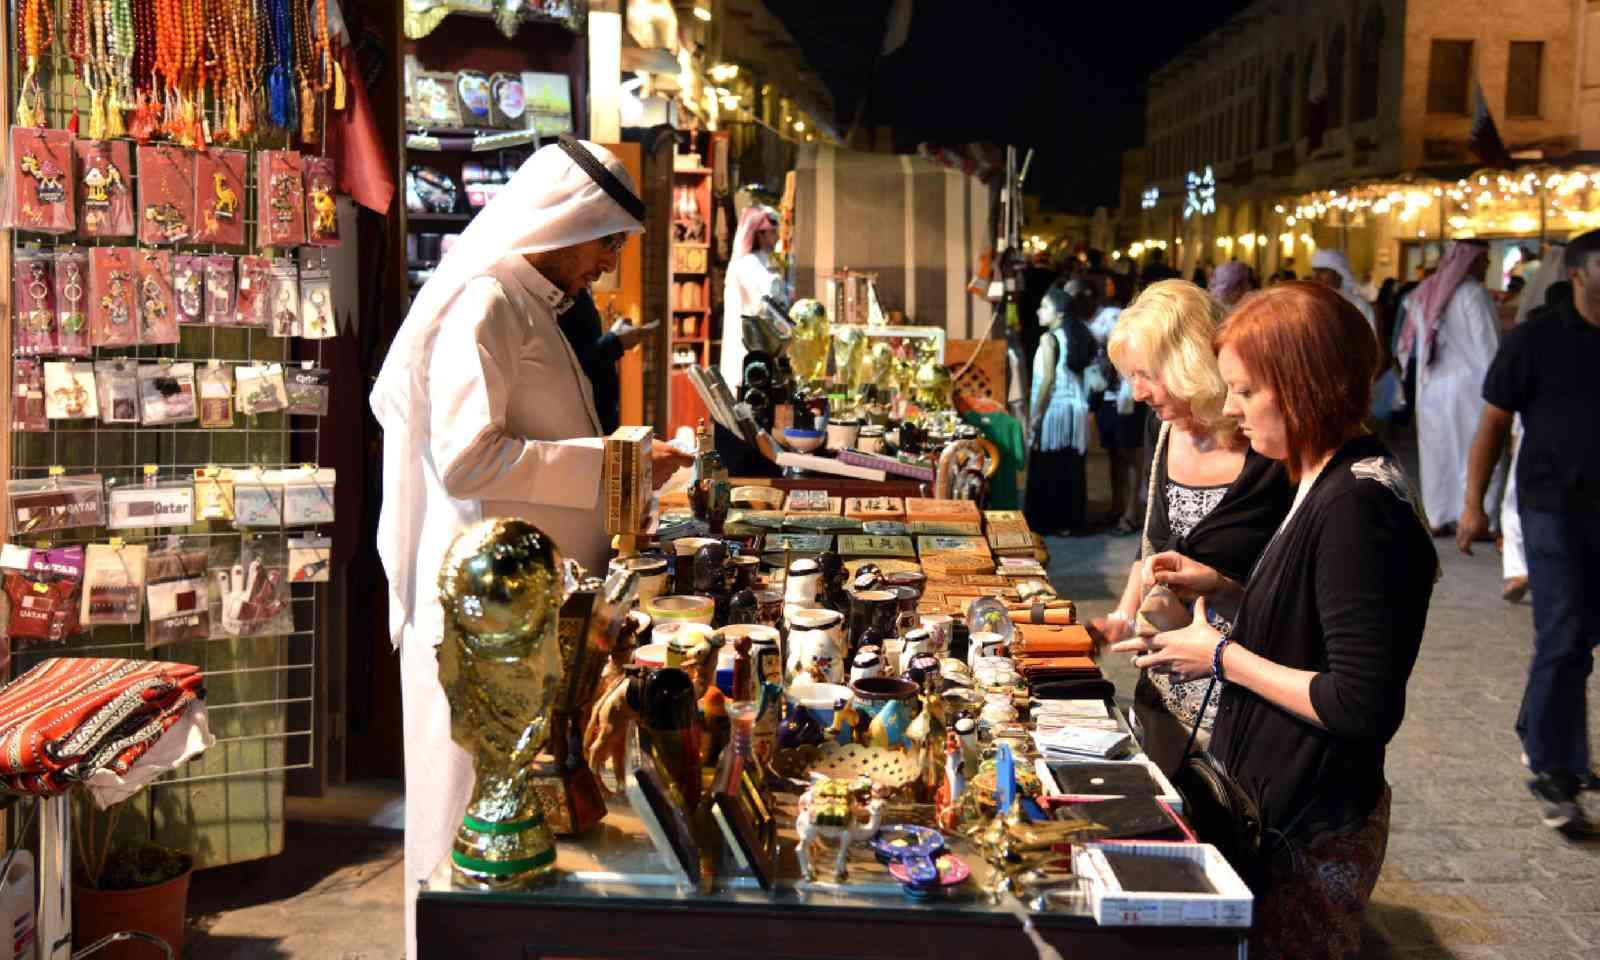 Shopping in Souq Waqif, Doha (Shutterstock)